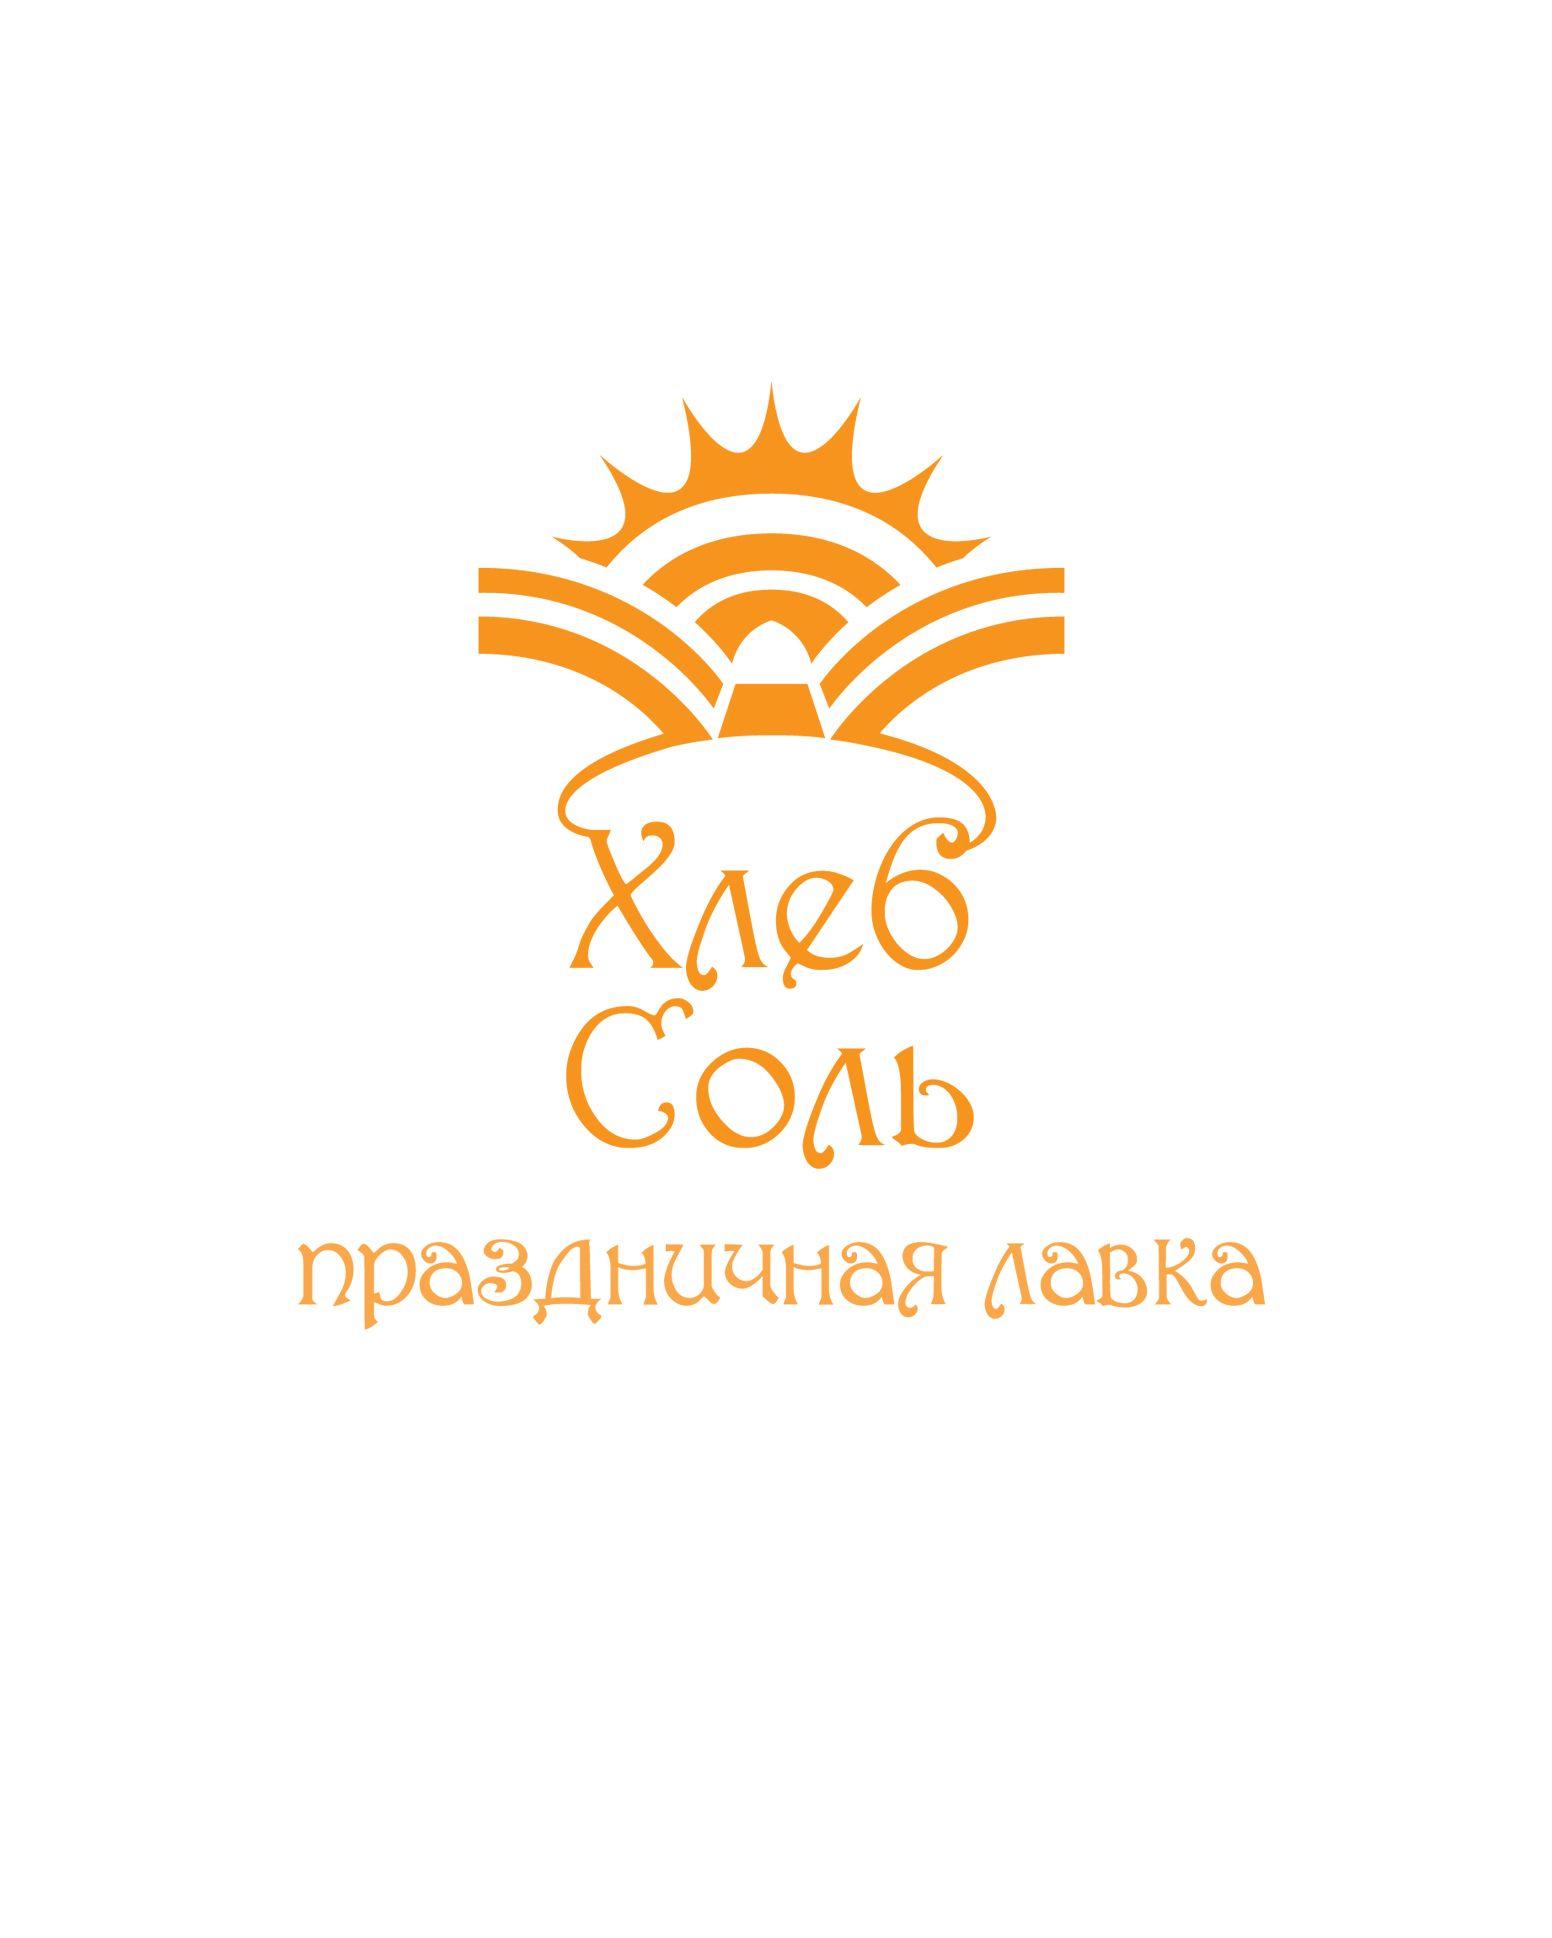 Лого для Праздничной лавки